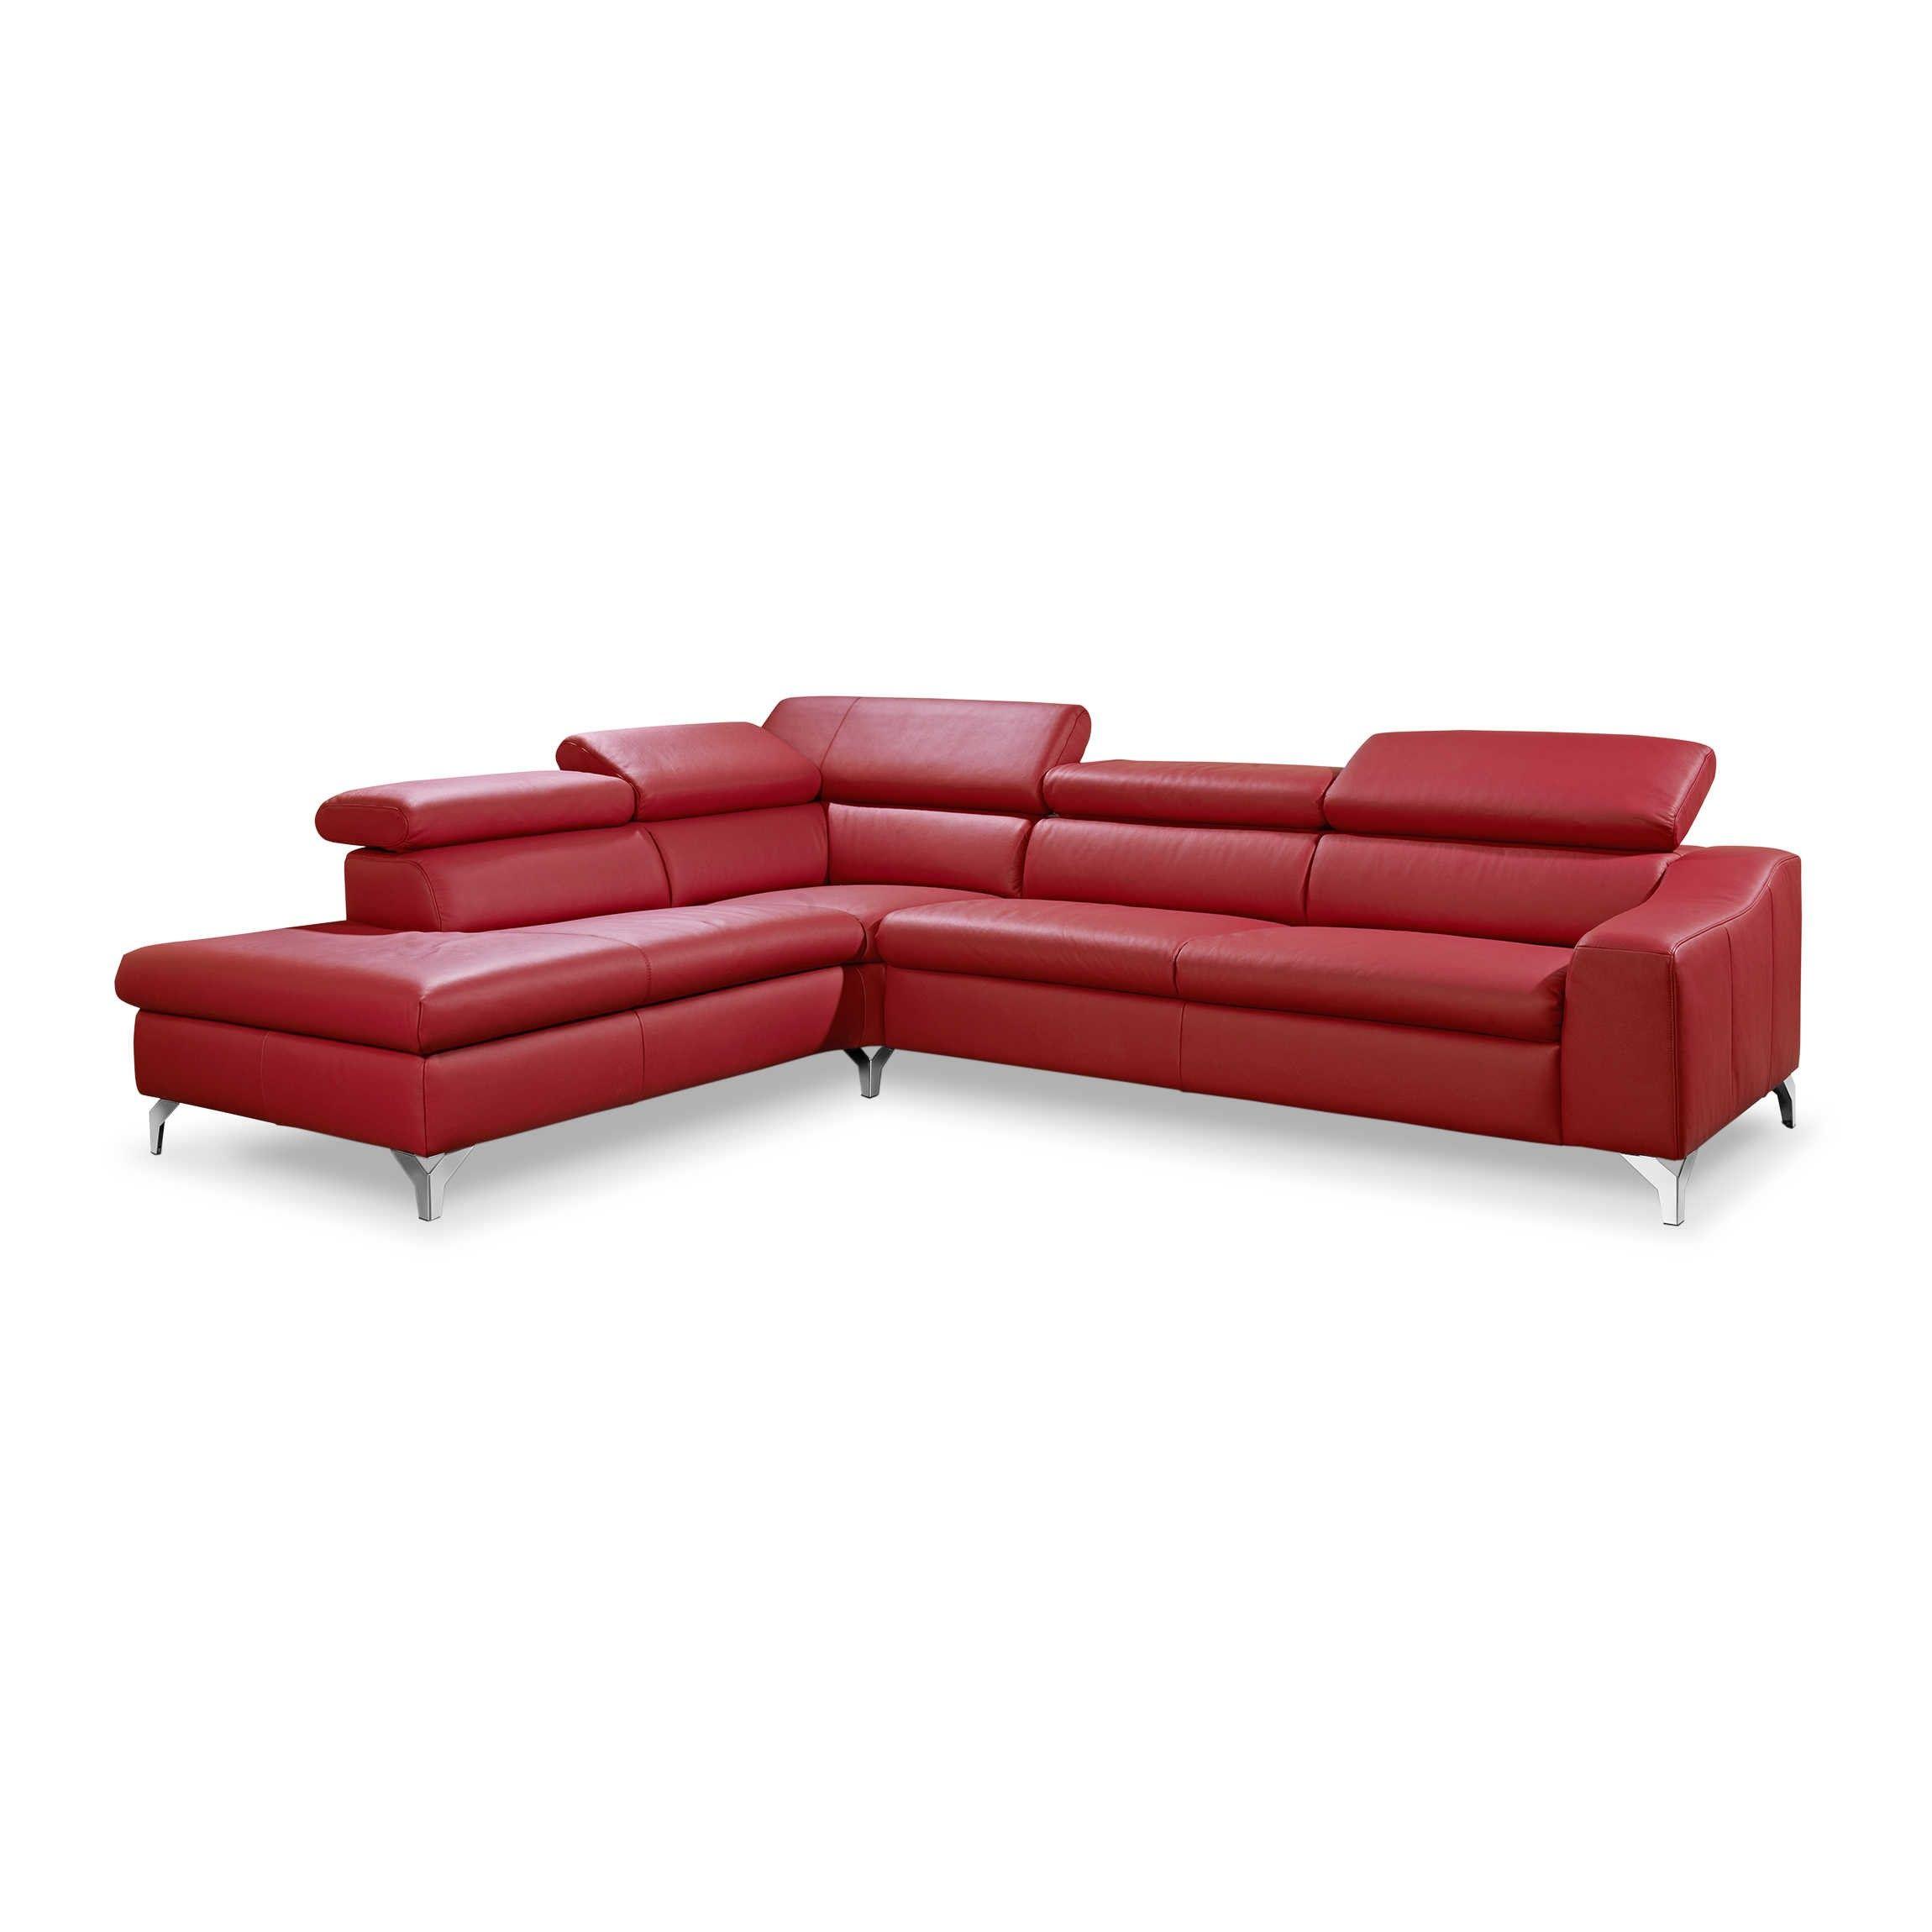 Musterring Ecksofa Mr 4775 Rot Leder Sofa Wohnklamotte